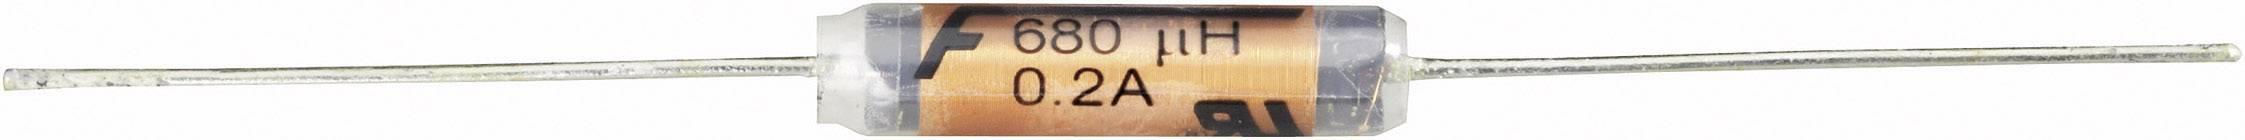 Cievka axiálne vývody Fastron MESC-152M-00, 1500 µH, 0.08 A, 10 %, 1 ks